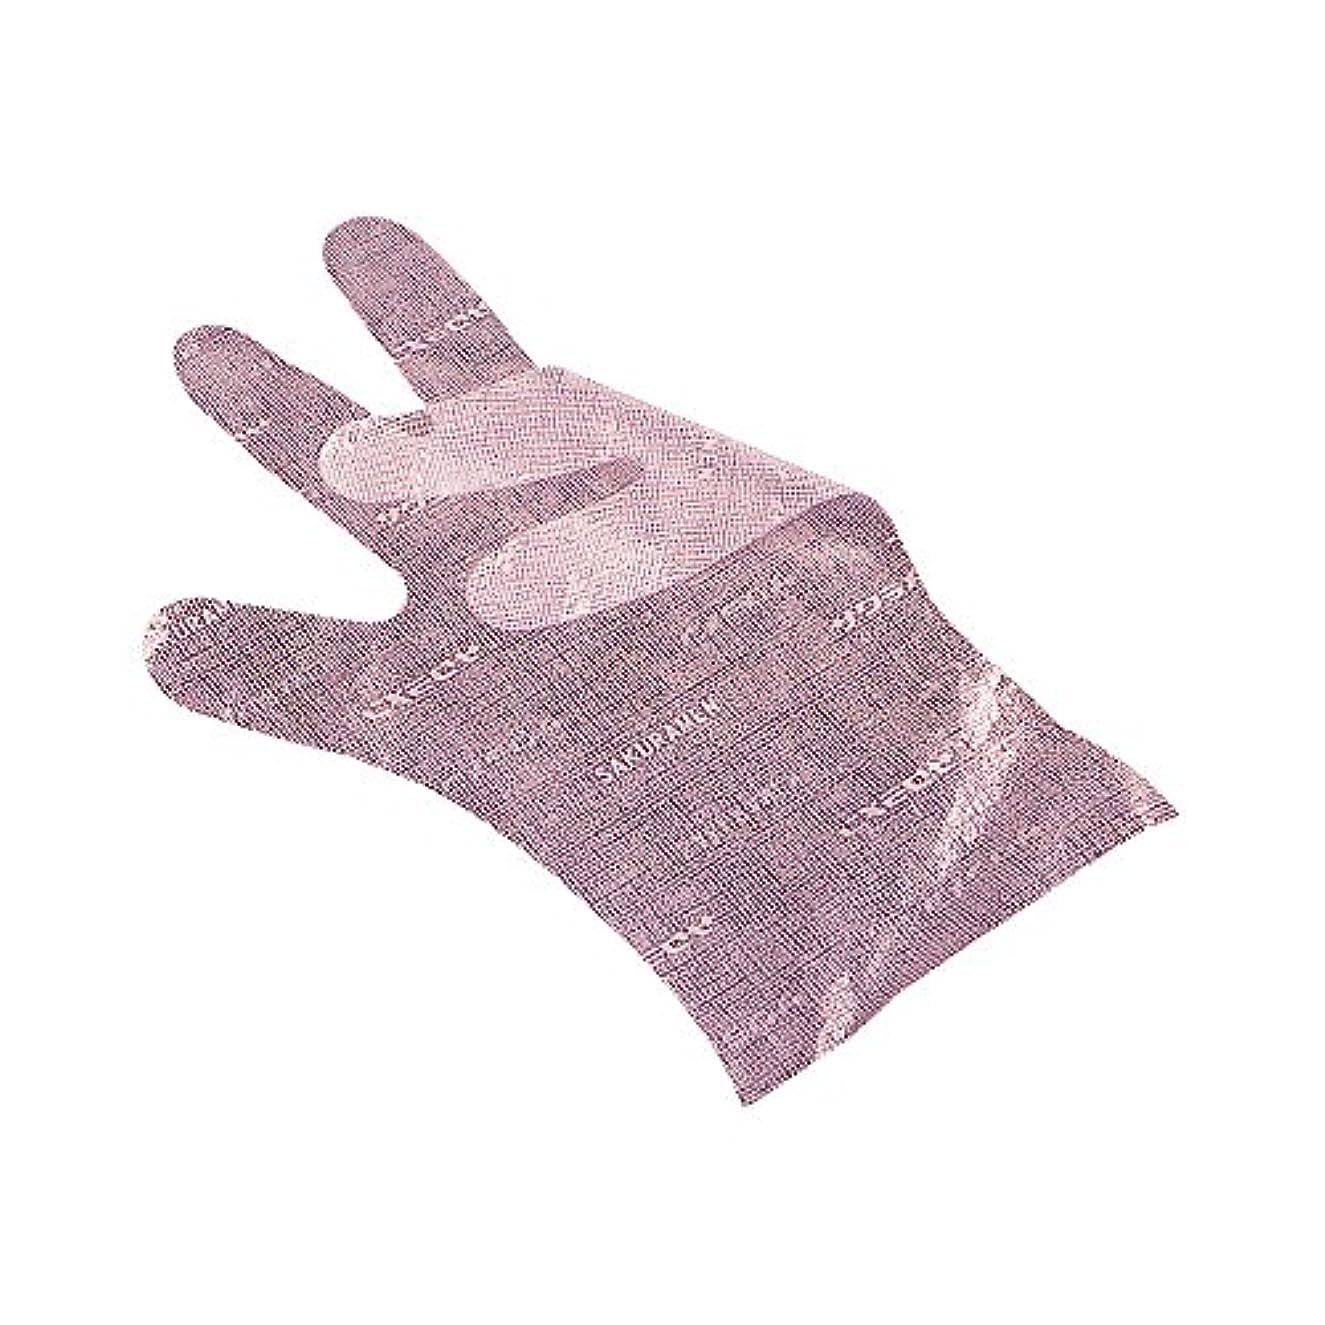 ポジティブ頭インゲンサクラメンエンボス手袋 デラックス ピンク M 100枚入